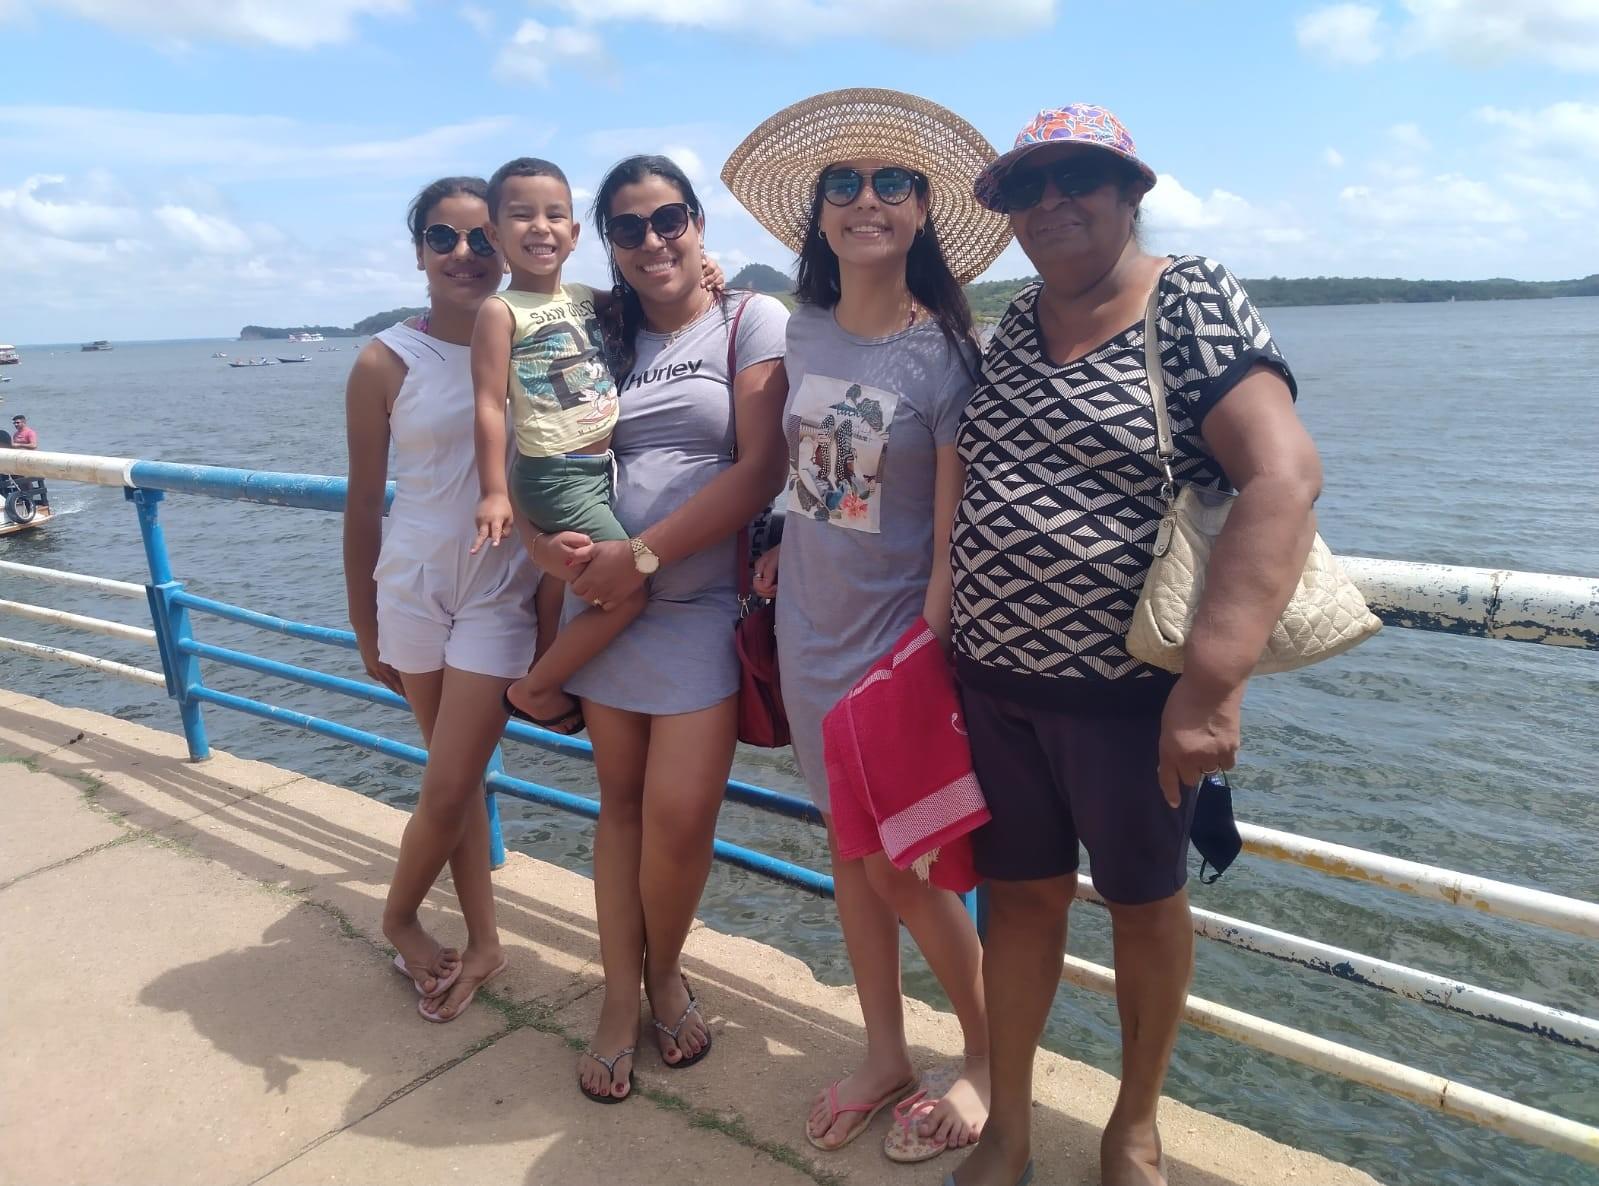 Família realiza sonho de mulher com doença rara sem cura e faz viagem à Alter do Chão, no Pará: 'valeu a pena'